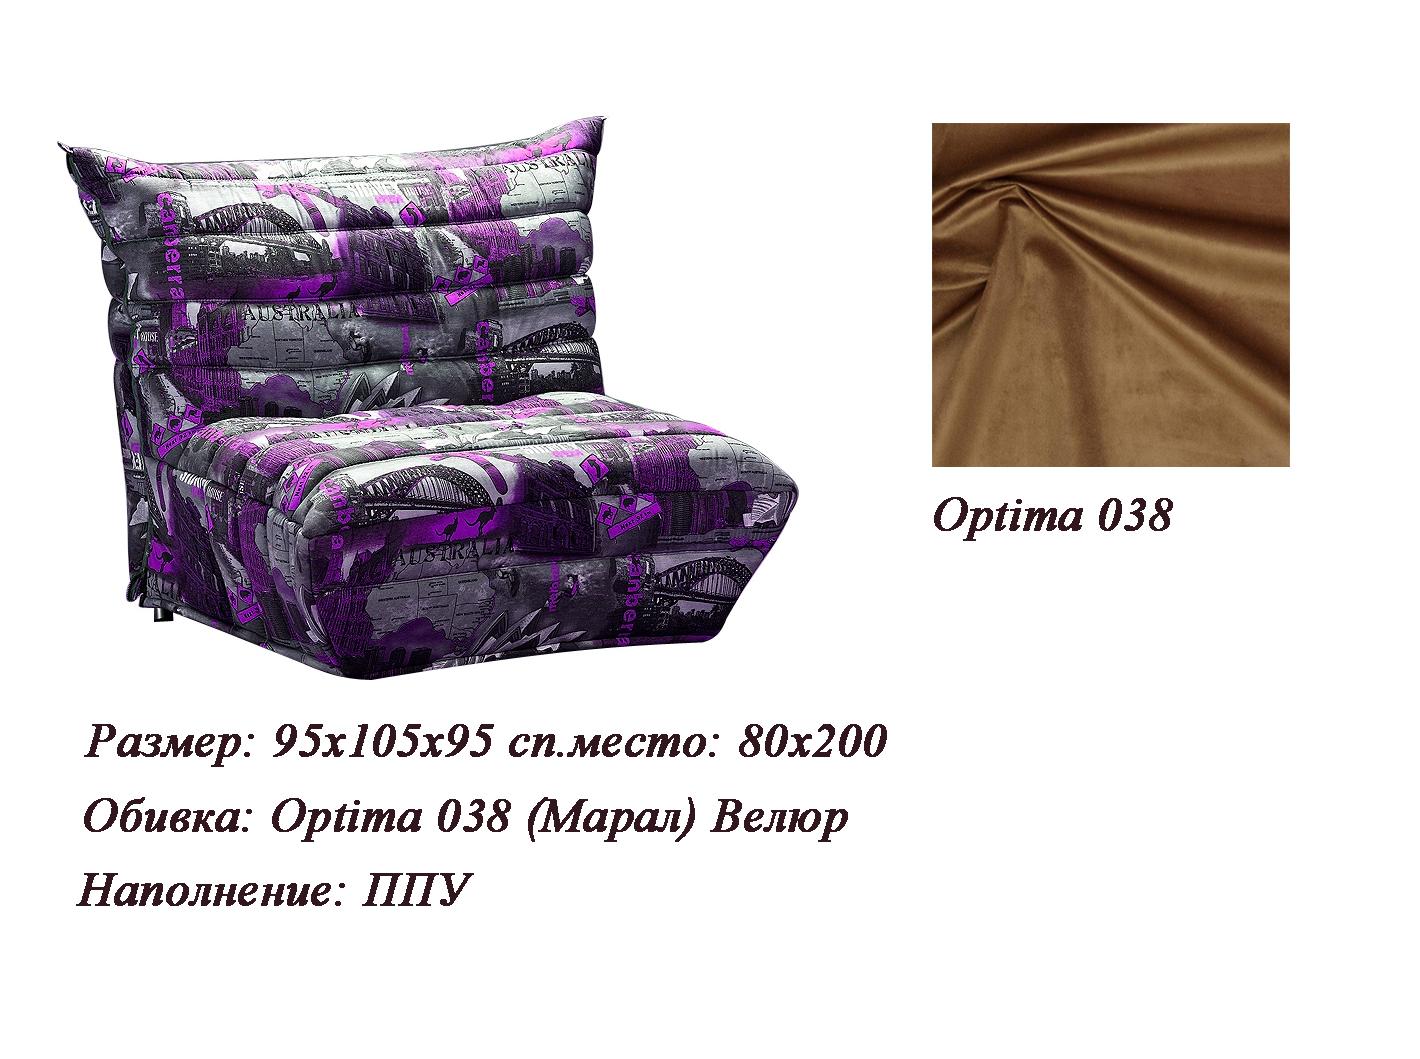 Кресло-кровать Карат м173 — Кресло-кровать Карат